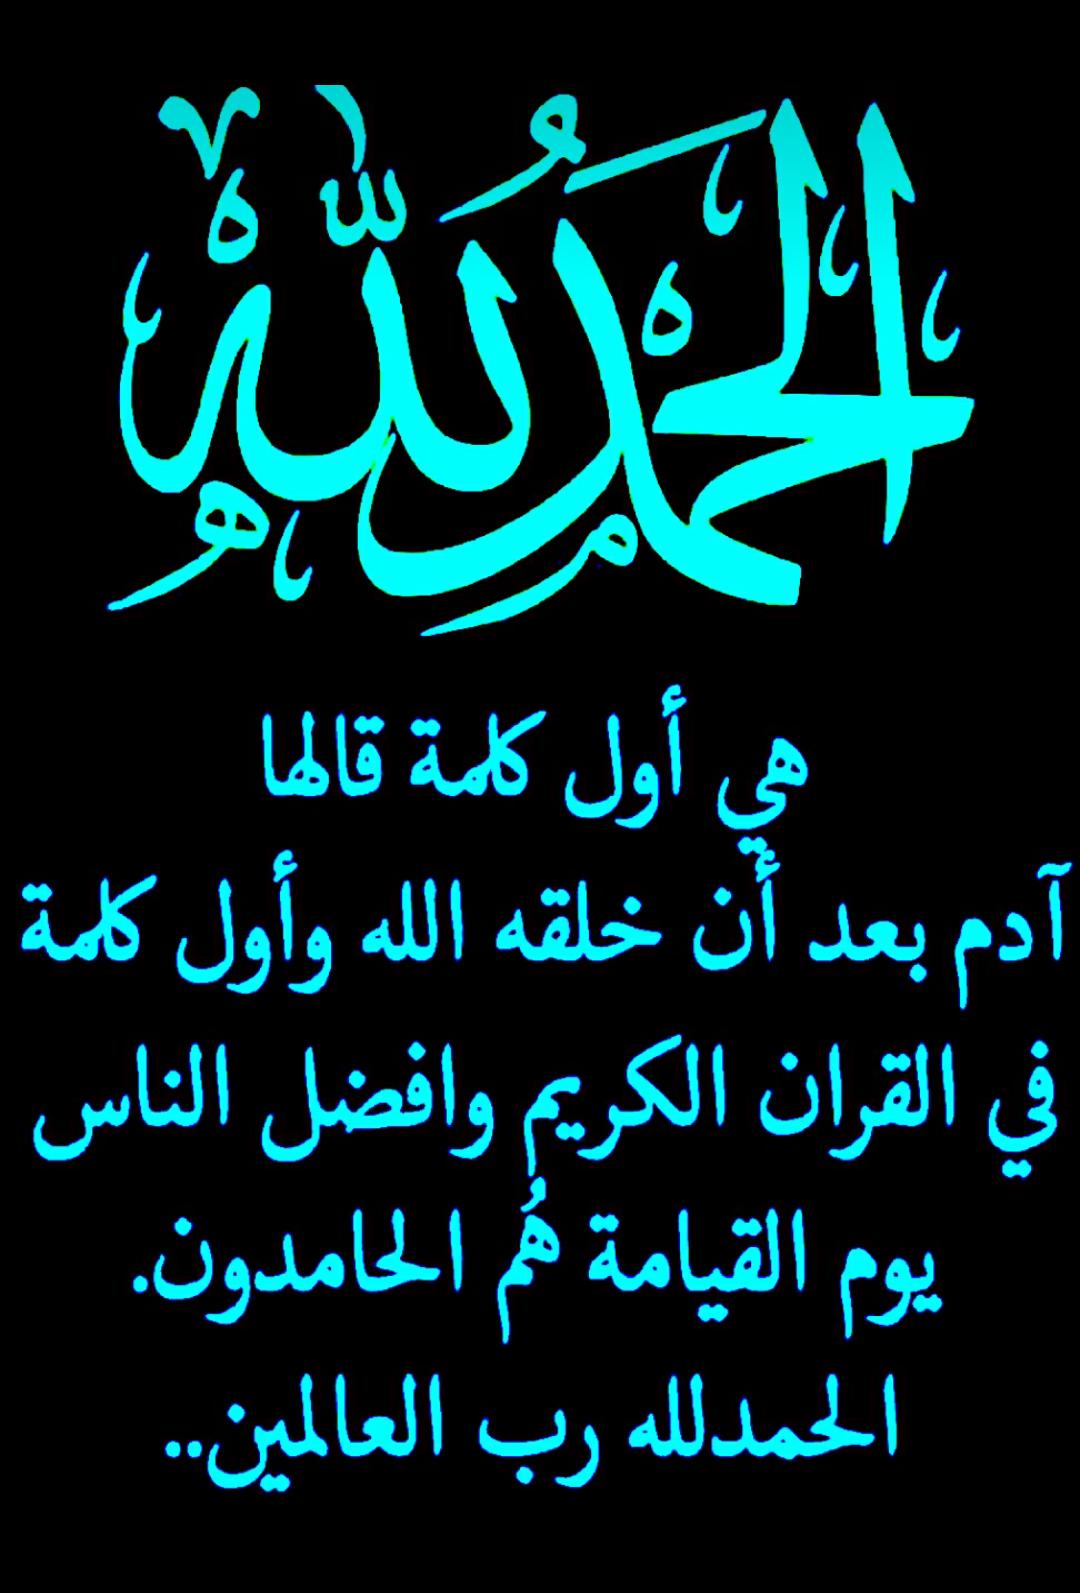 الحمد لله رب العالمين Neon Signs Neon Arabic Calligraphy